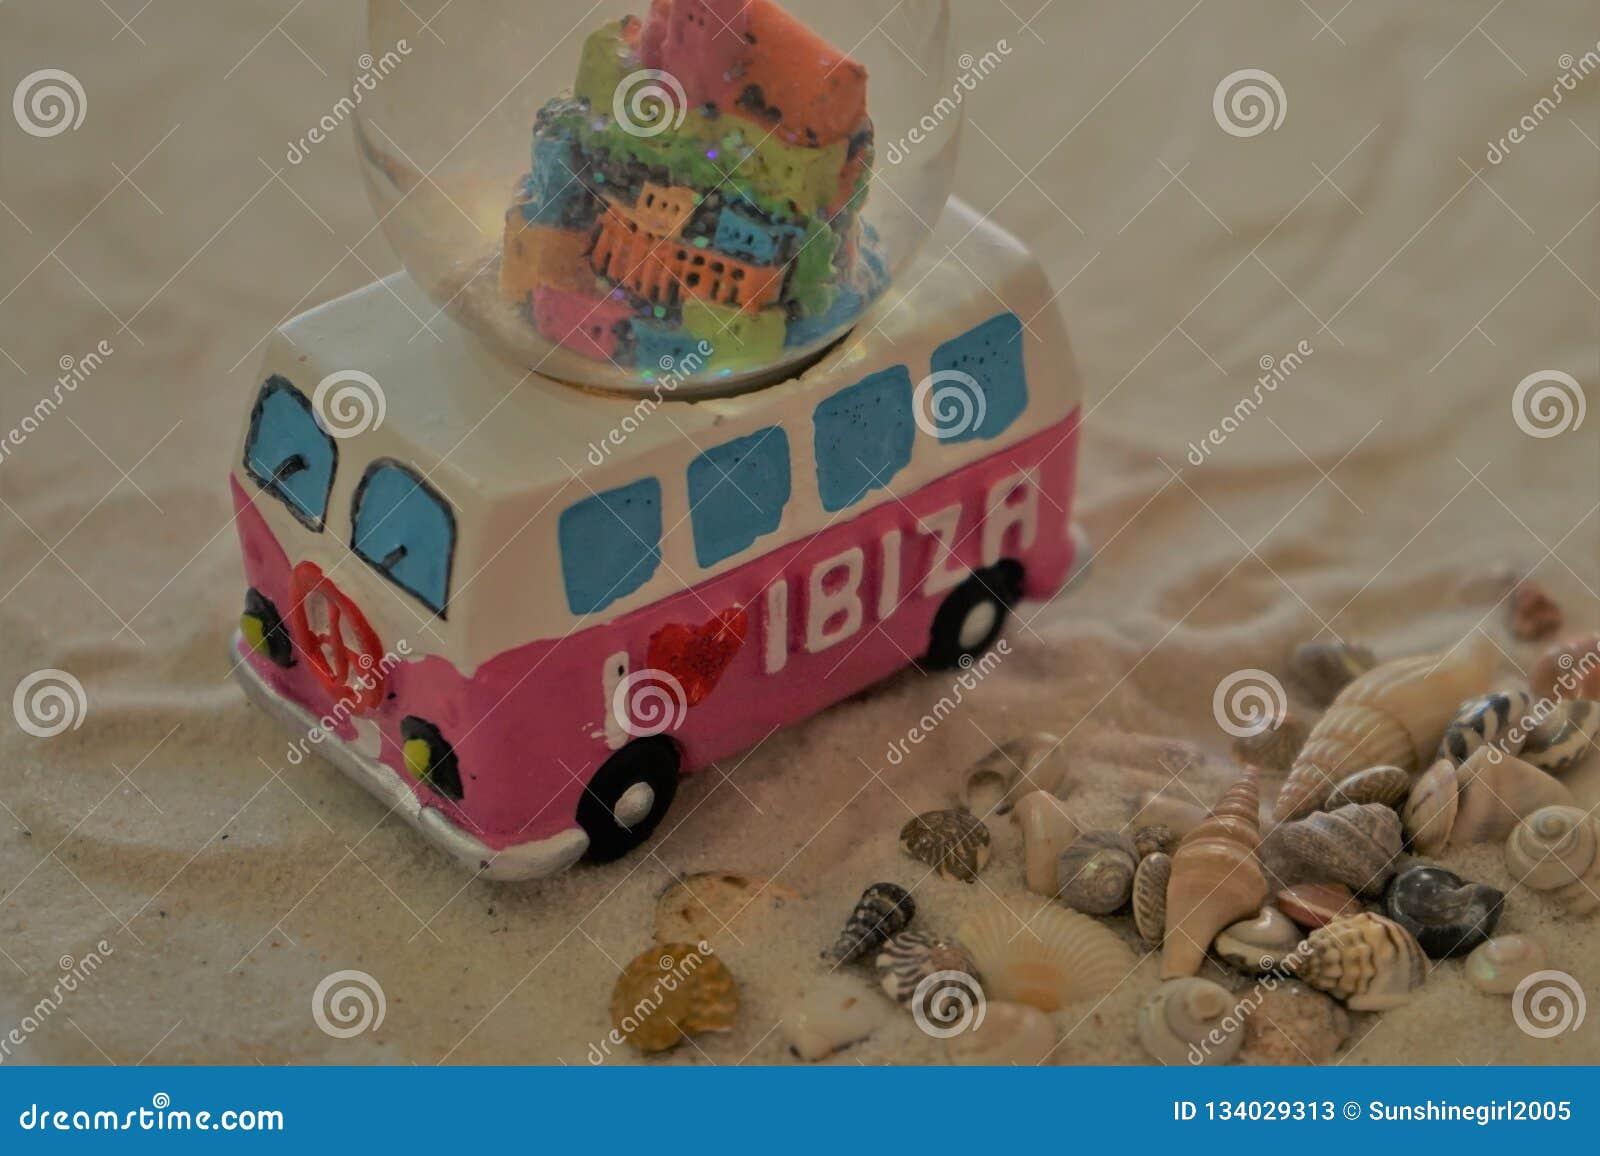 Whoop, gehen wir zu Ibiza